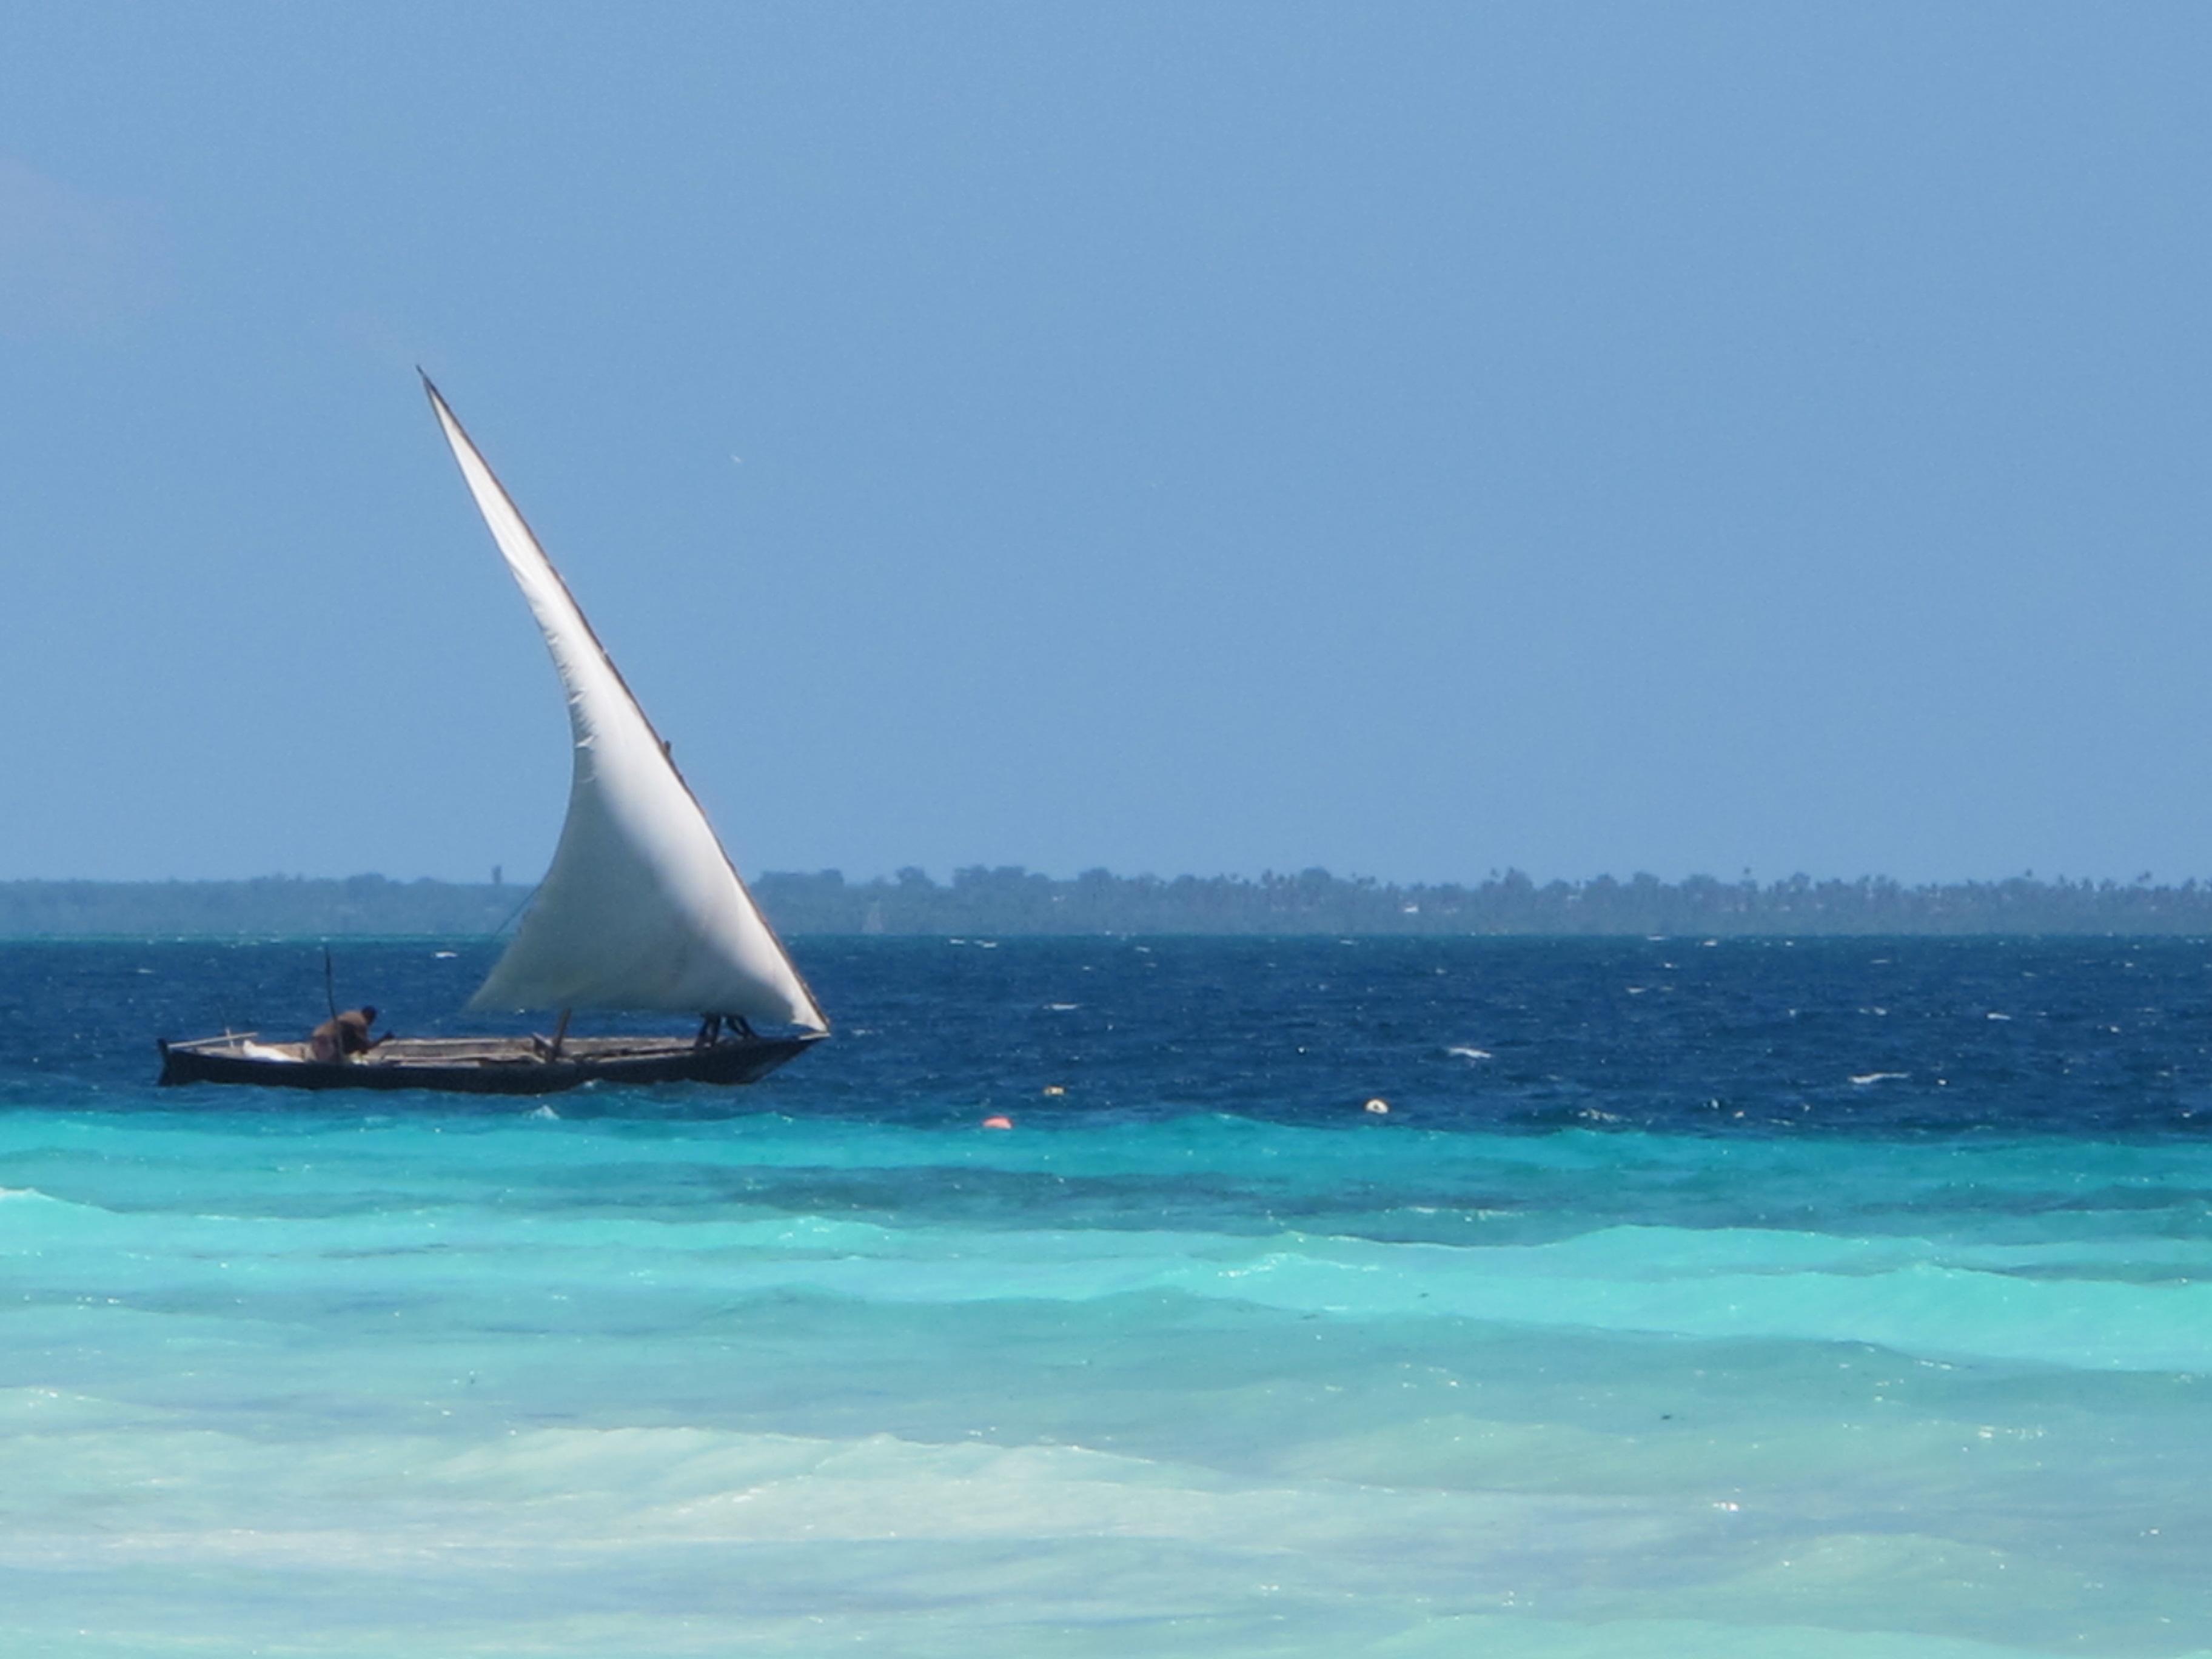 A Zanzibar Dhow